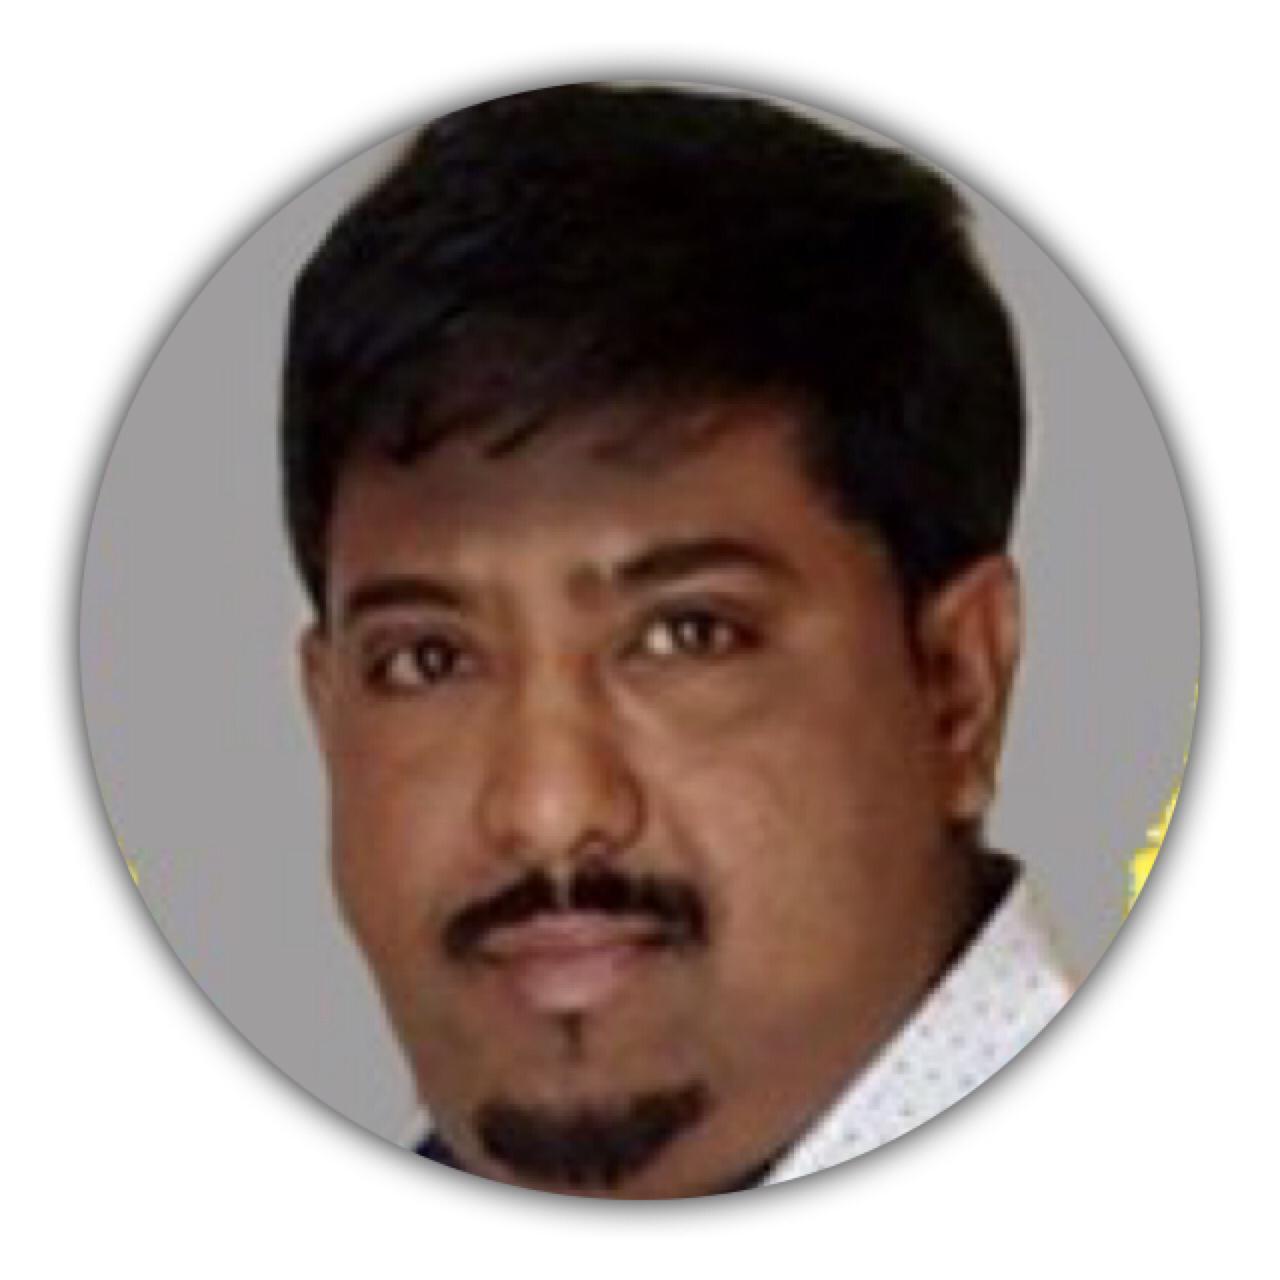 திரு. கோபாலகிருஷ்ணன் தயாளரூபன்